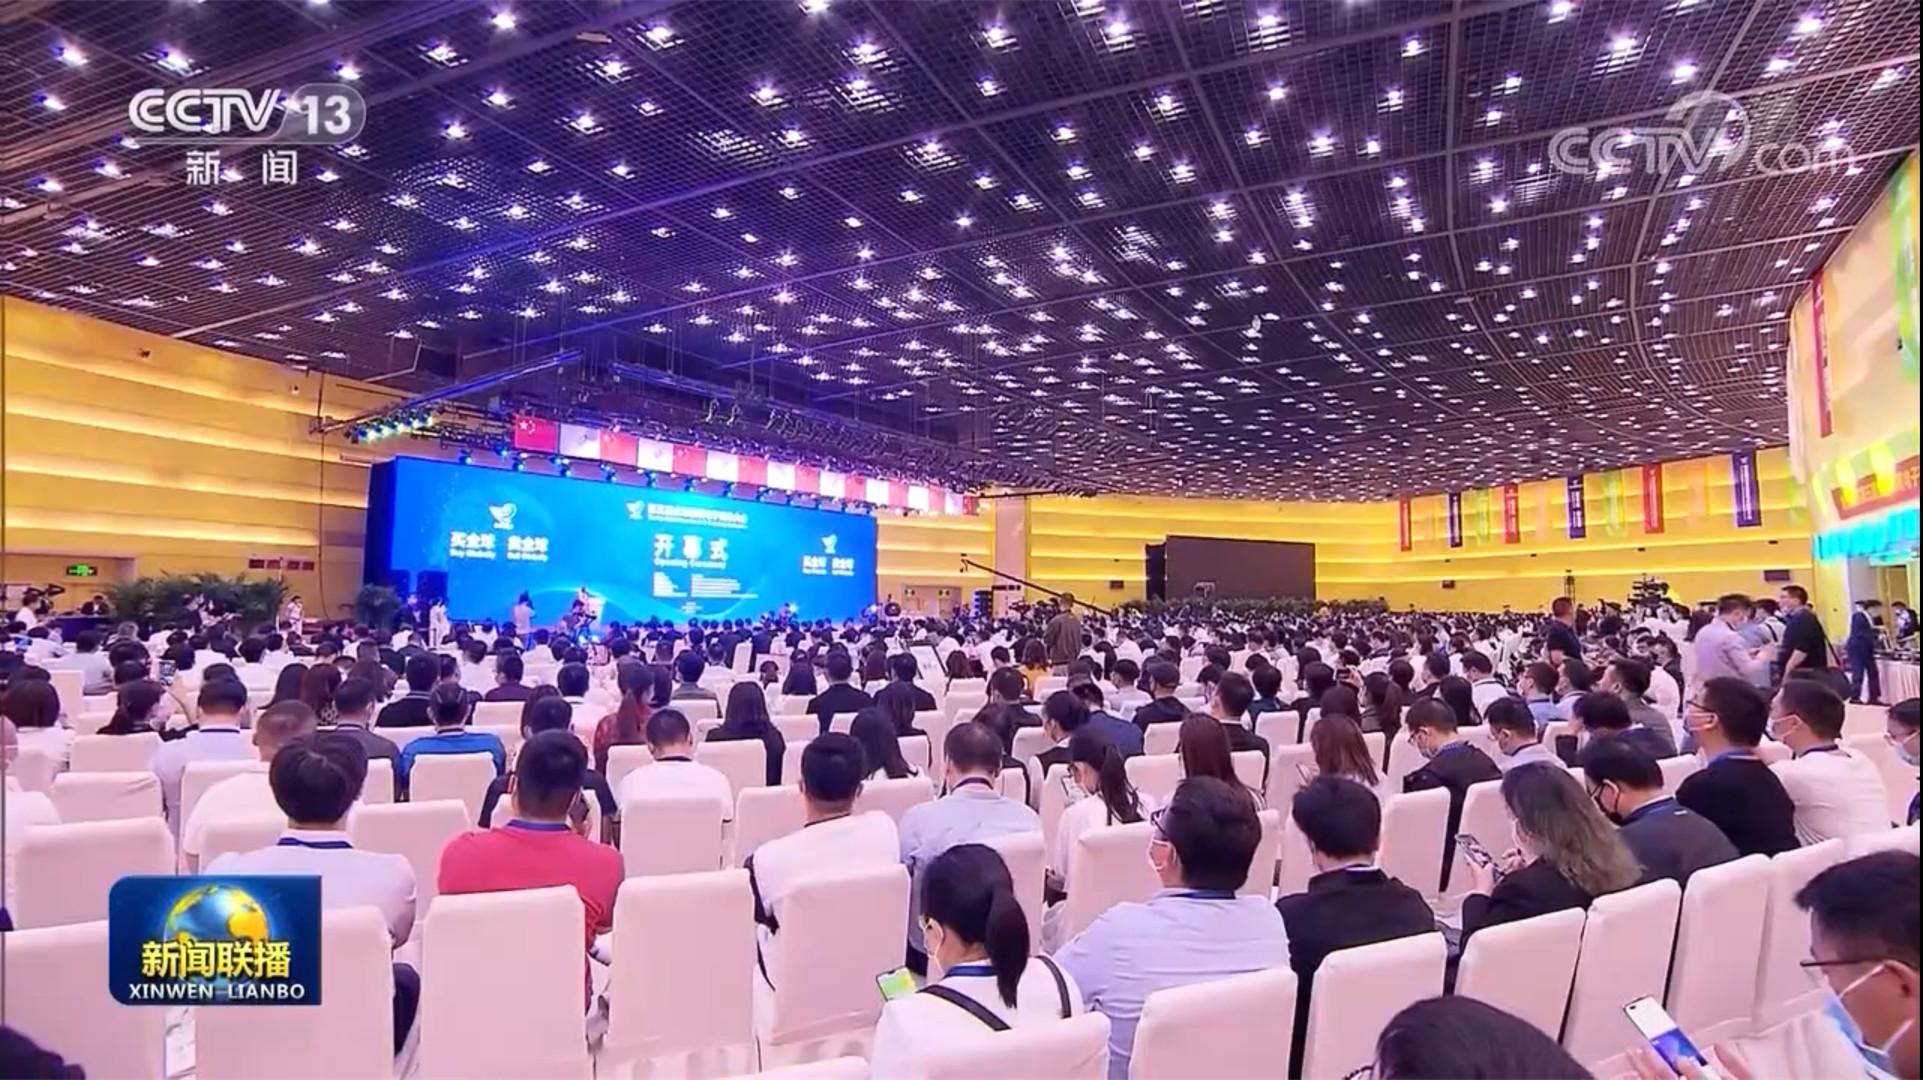 【央视联播关注河南】第五届全球跨境电子商务大会在郑州开幕